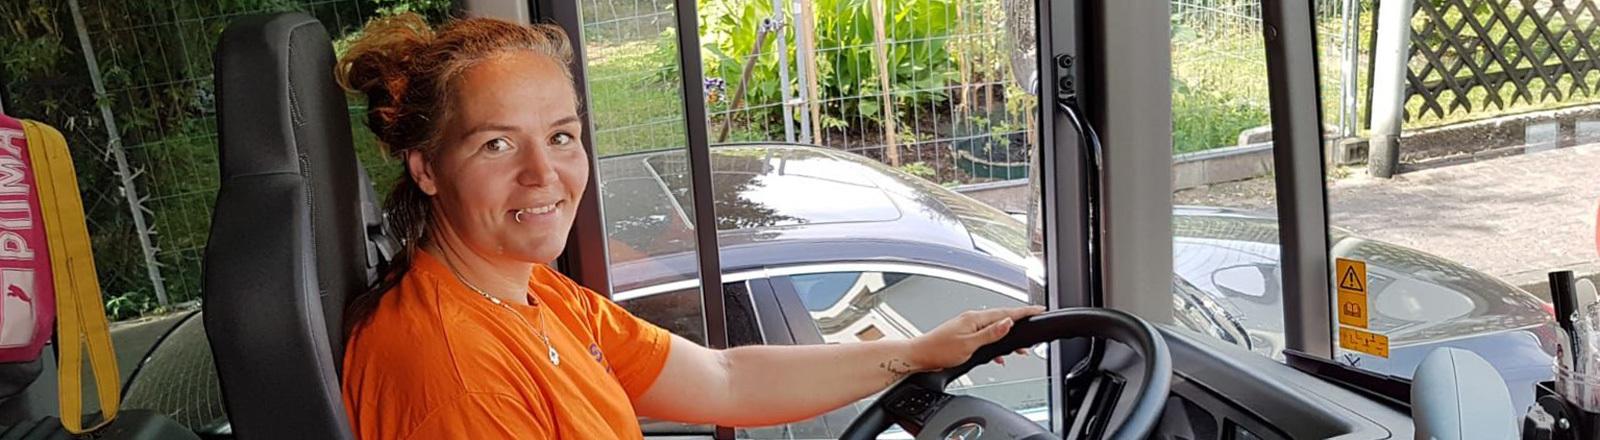 Stephanie Khiari von der Frankfurter Stadtreinigung sitzt auf dem Fahrersitz des Müllwagens.